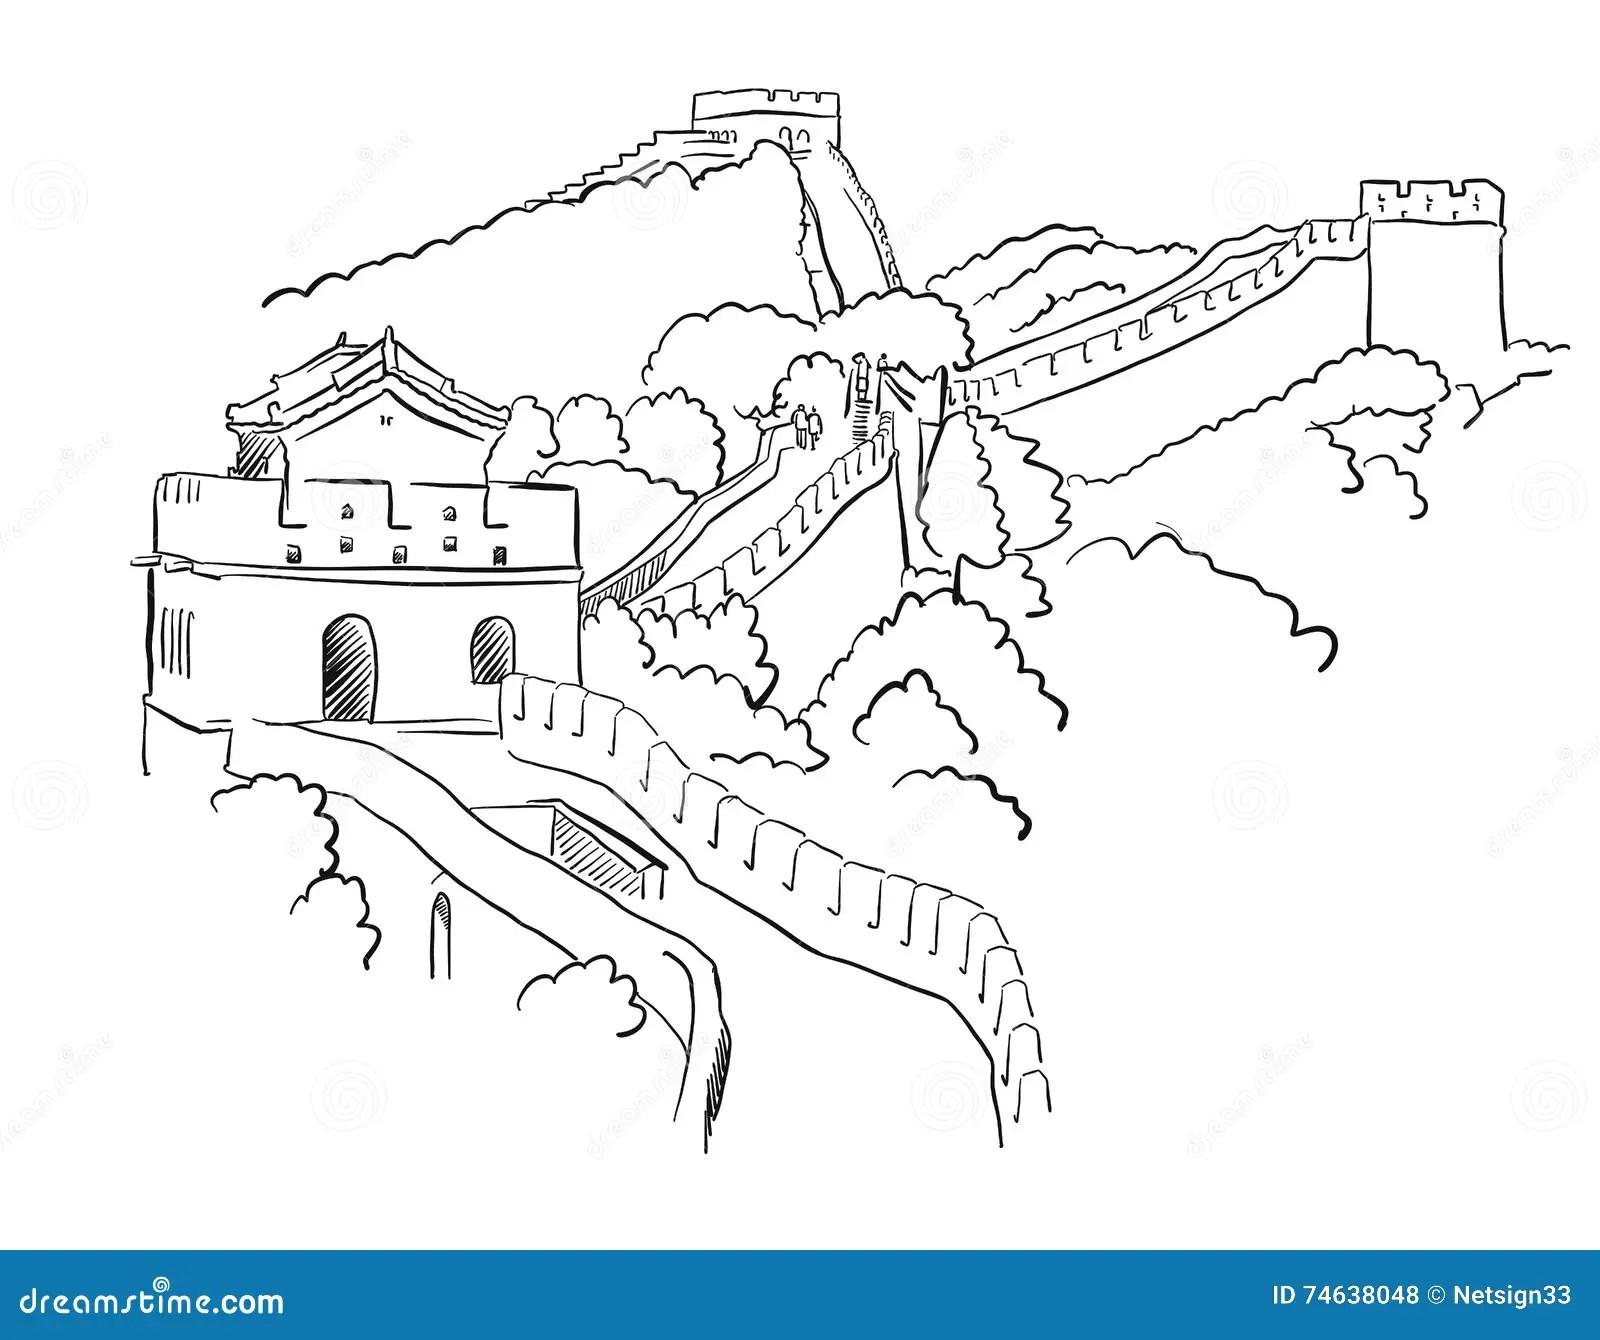 Vektor Skizze China Chinesischer Mauer Vektor Abbildung